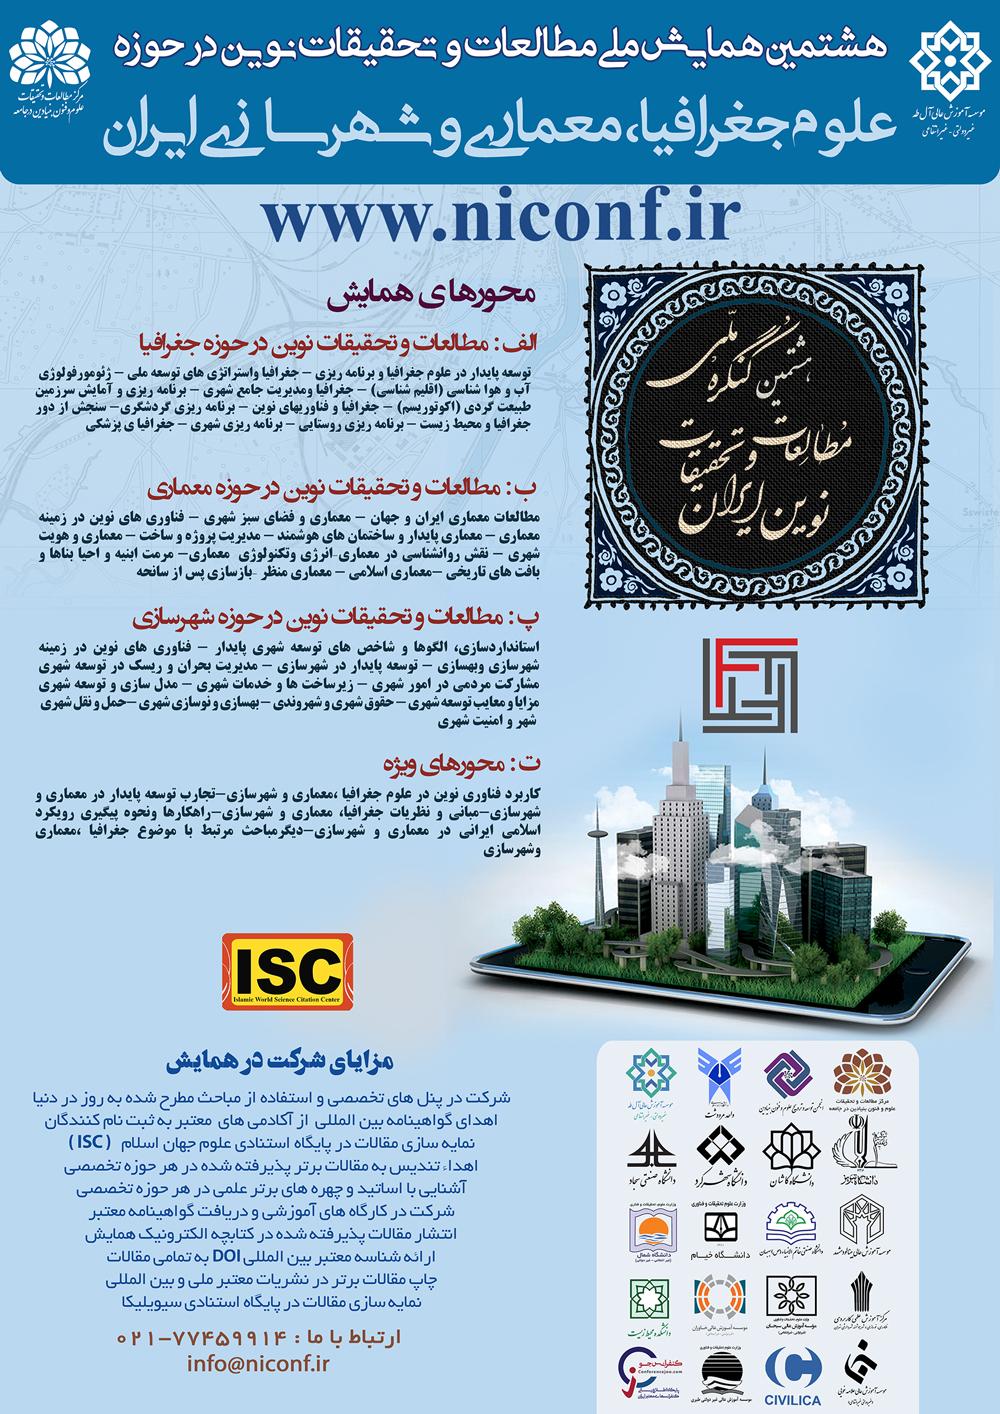 هشتمین همایش ملی پژوهش های نوین در حوزه علوم جغرافیا، معماری و شهرسازی ایران